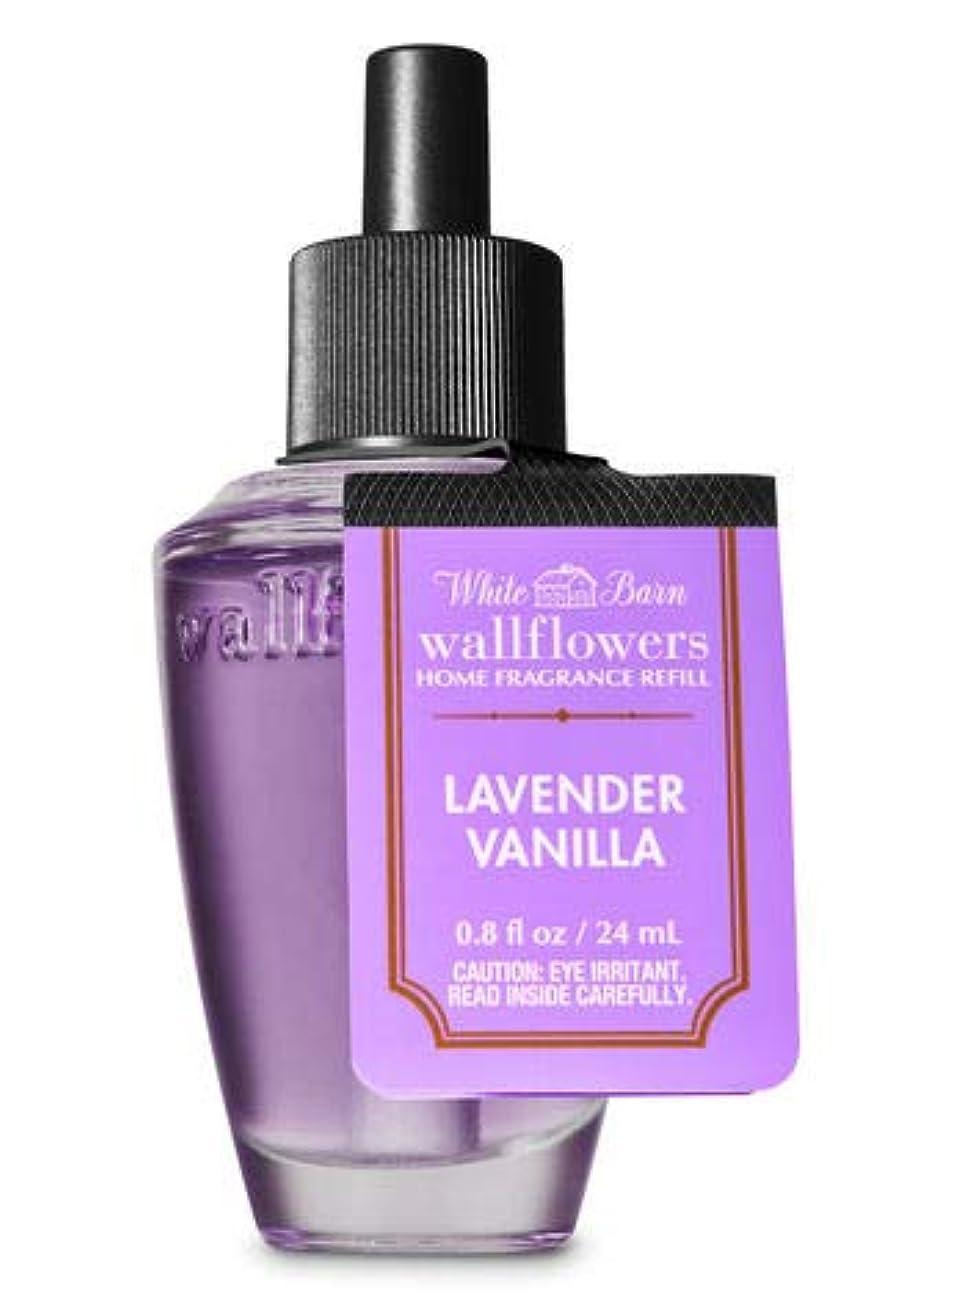 考え閉塞所持【Bath&Body Works/バス&ボディワークス】 ルームフレグランス 詰替えリフィル ラベンダーバニラ Wallflowers Home Fragrance Refill Lavender Vanilla [並行輸入品]